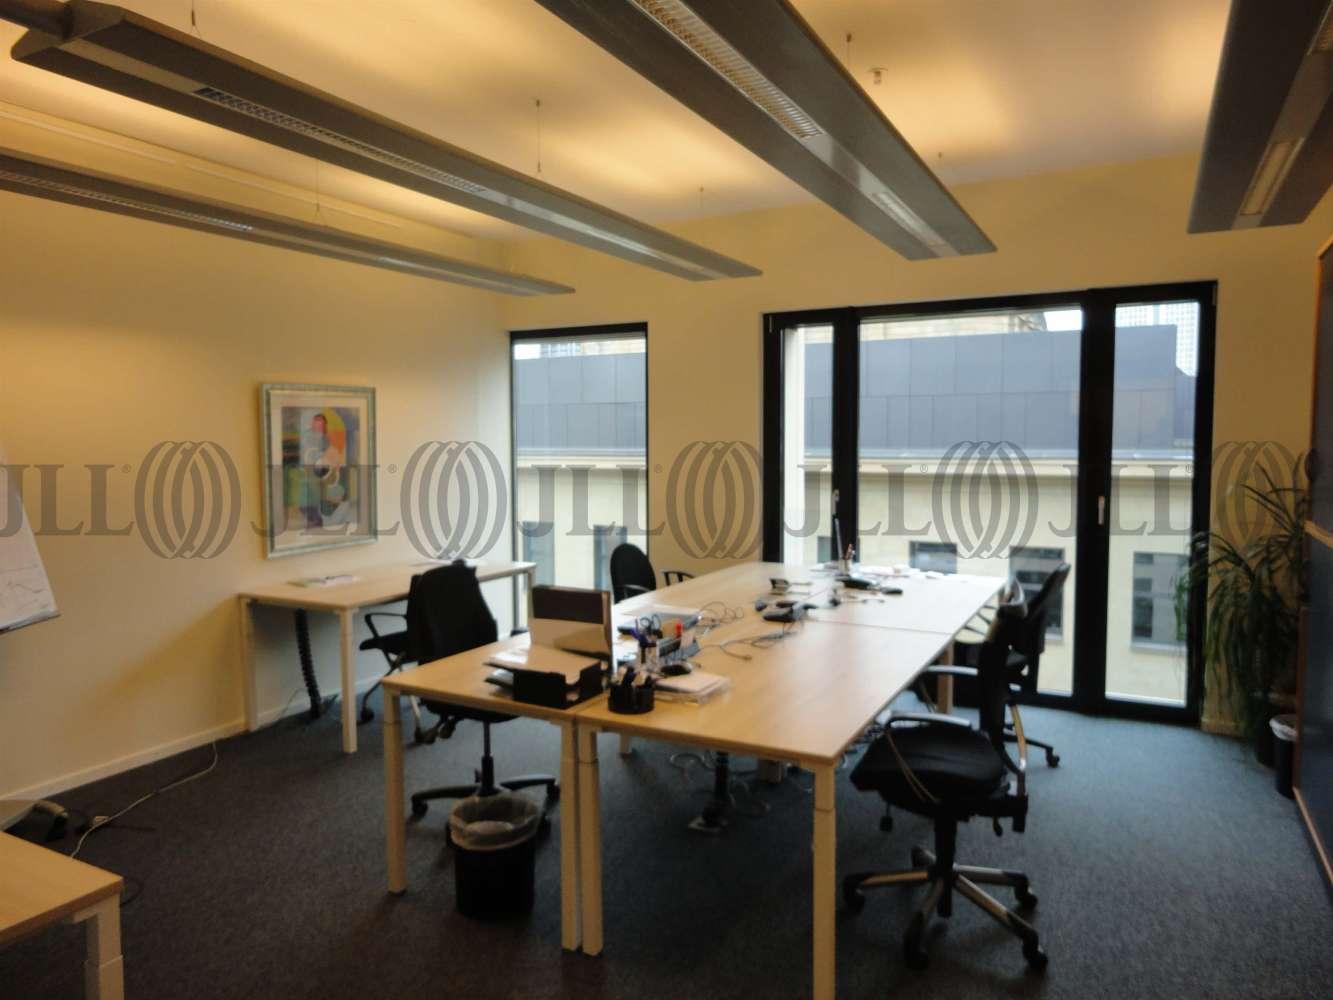 Büros Frankfurt am main, 60313 - Büro - Frankfurt am Main, Innenstadt - D0288 - 9631818